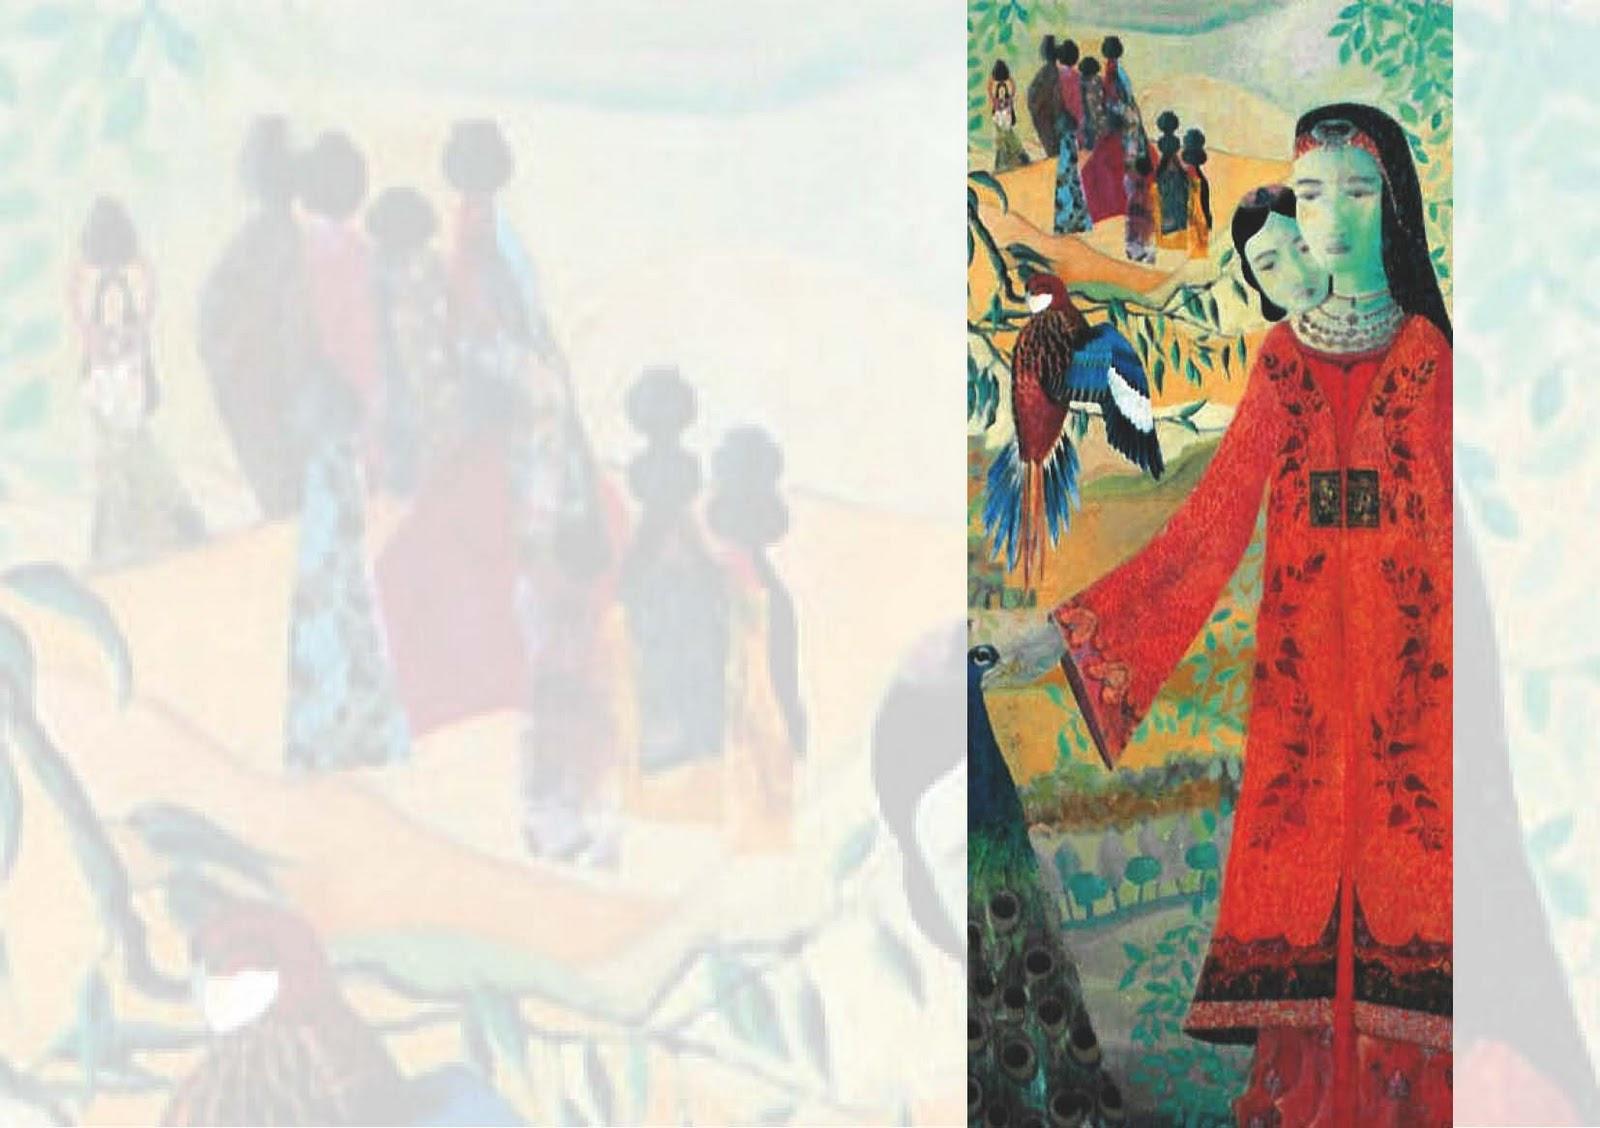 Sophie girard artiste peintre for Artiste peintre dordogne